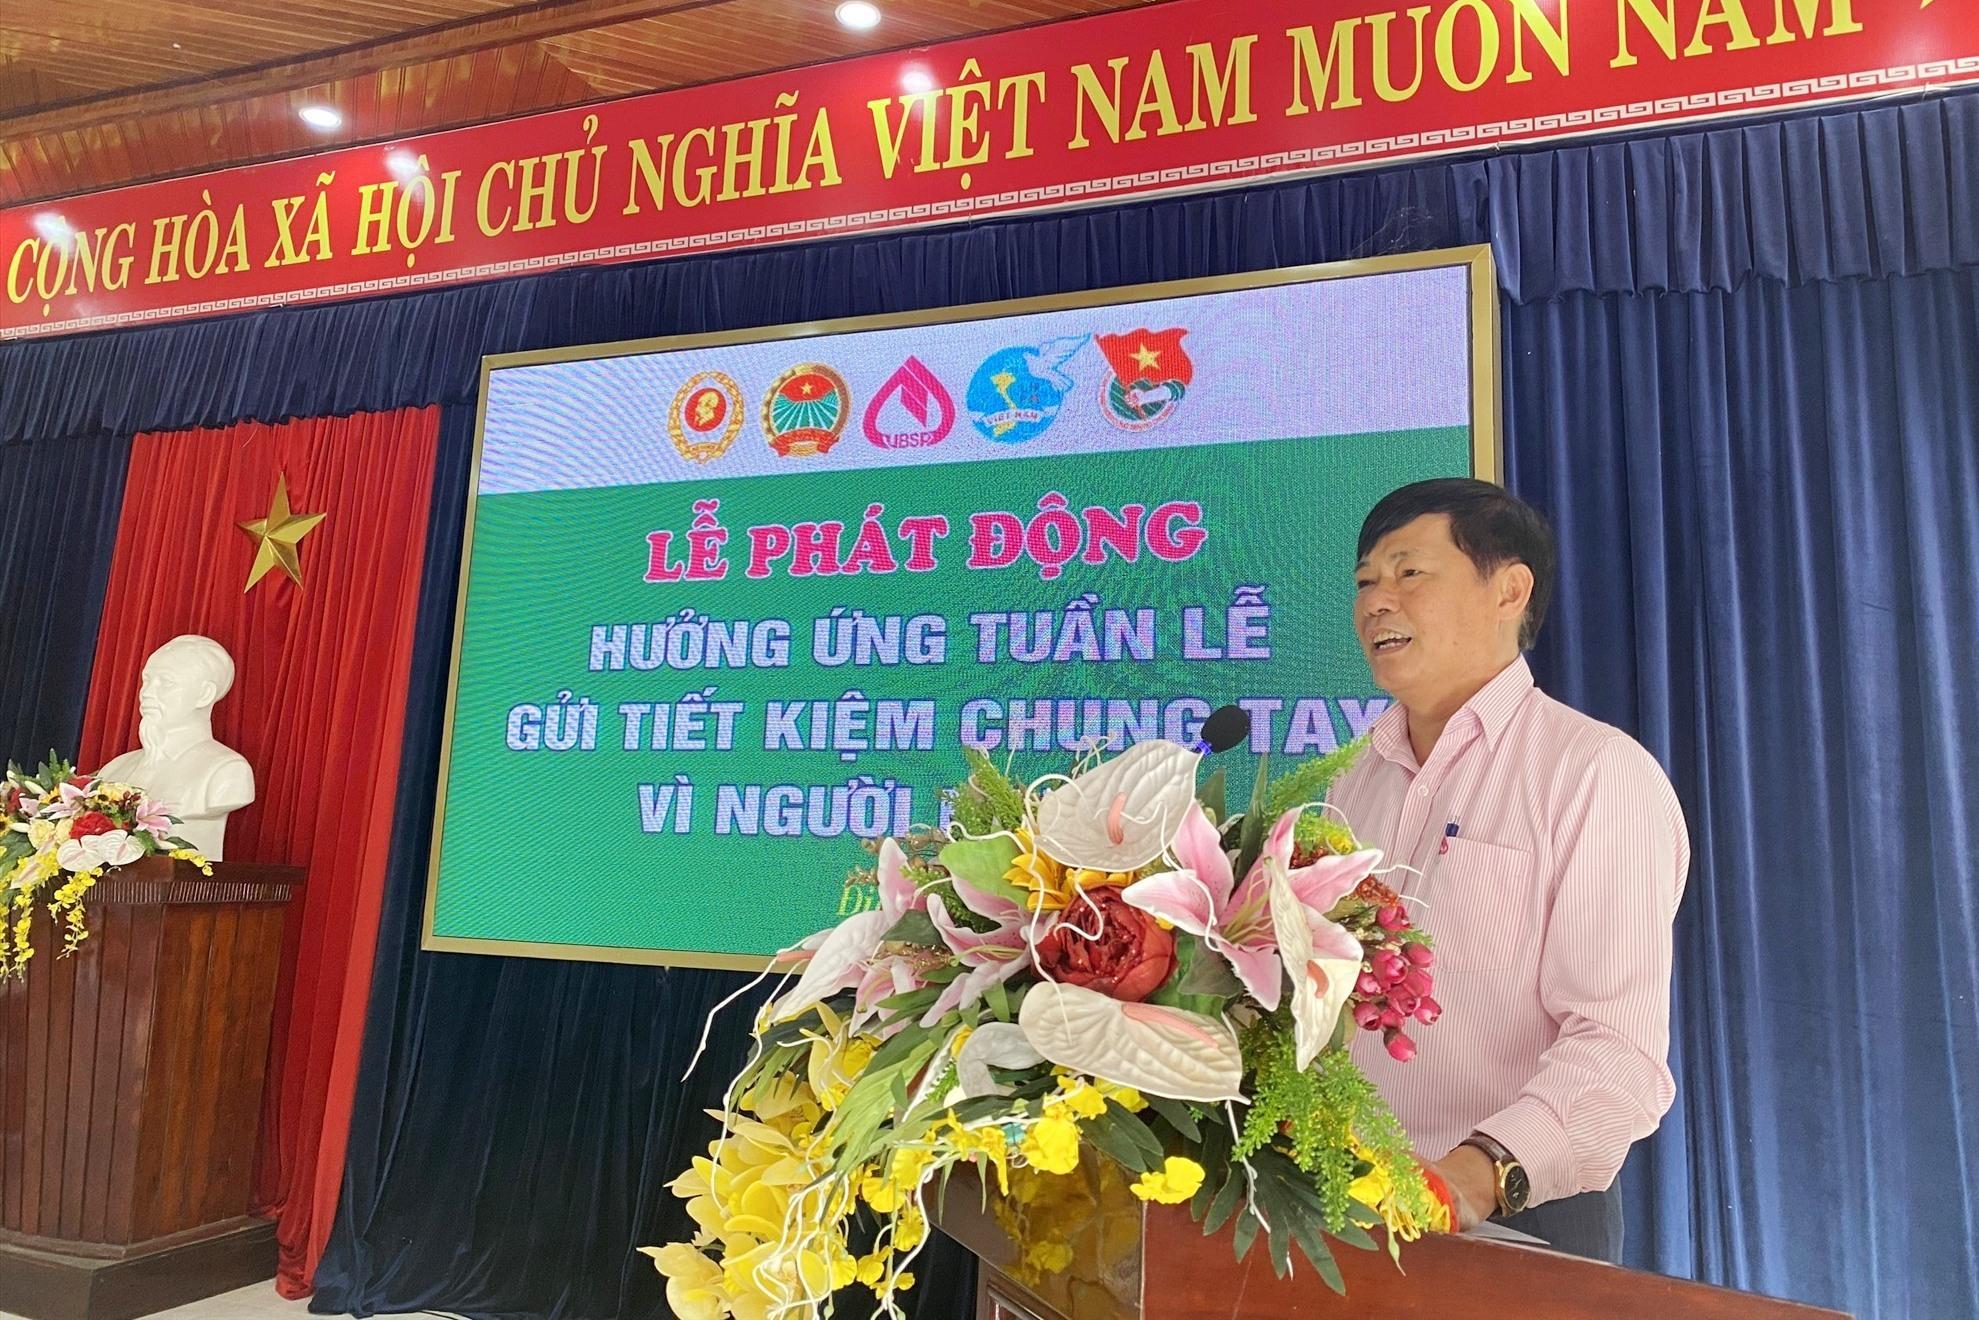 Ông Lê Hùng Lam kêu gọi các đơn vị, cá nhân và người dân tích cực tham gia gửi tiền tiết kiệm. Ảnh: Q.VIỆT